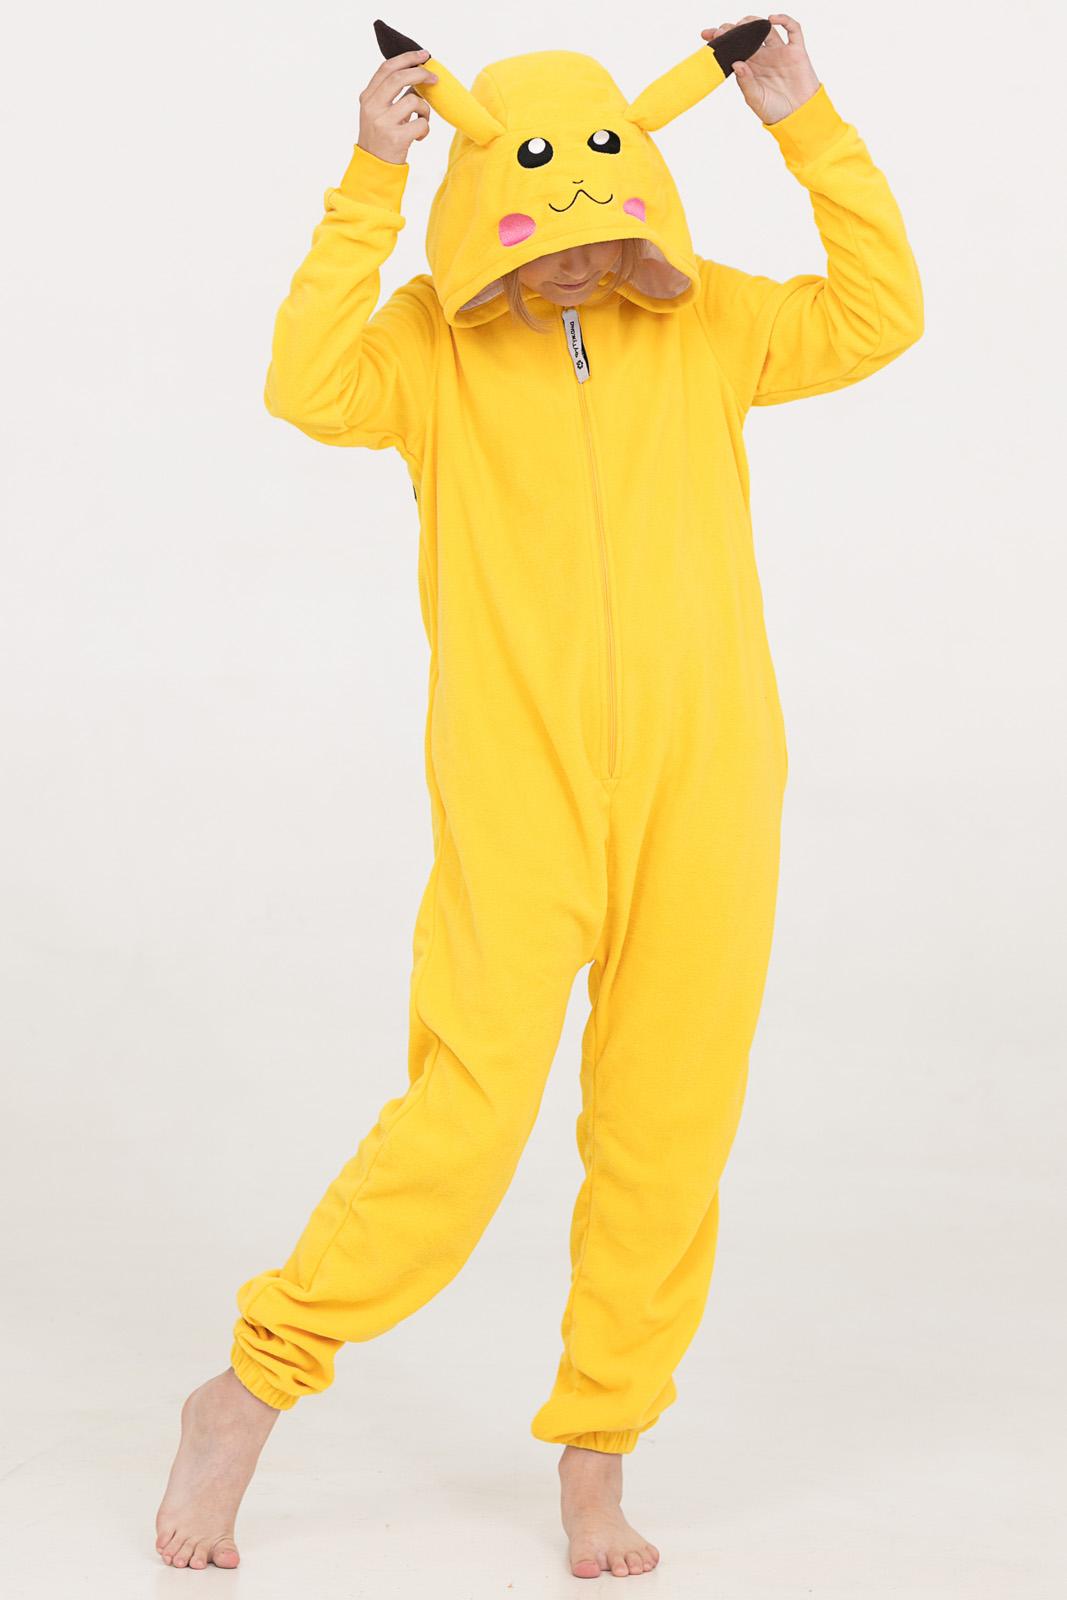 Купить со скидкой Комбинезон Кигуруми желтый для мальчиков и девочек из текстиля